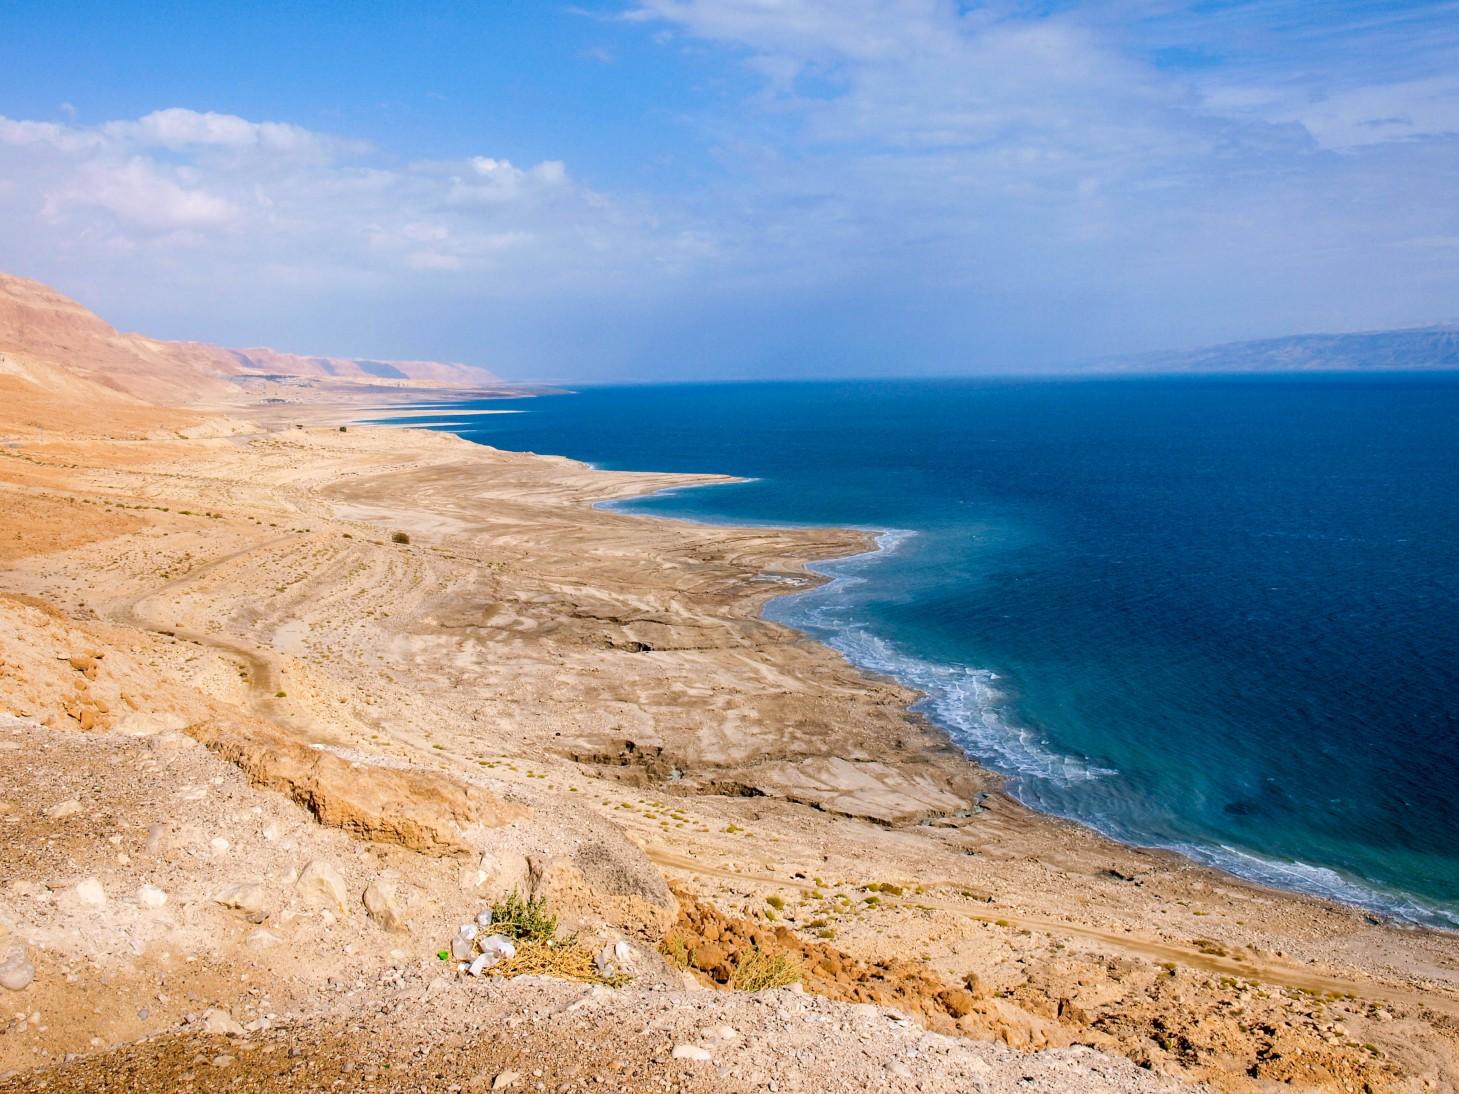 Izrael ciekawe miejsca i najwieksze atrakcje (6)